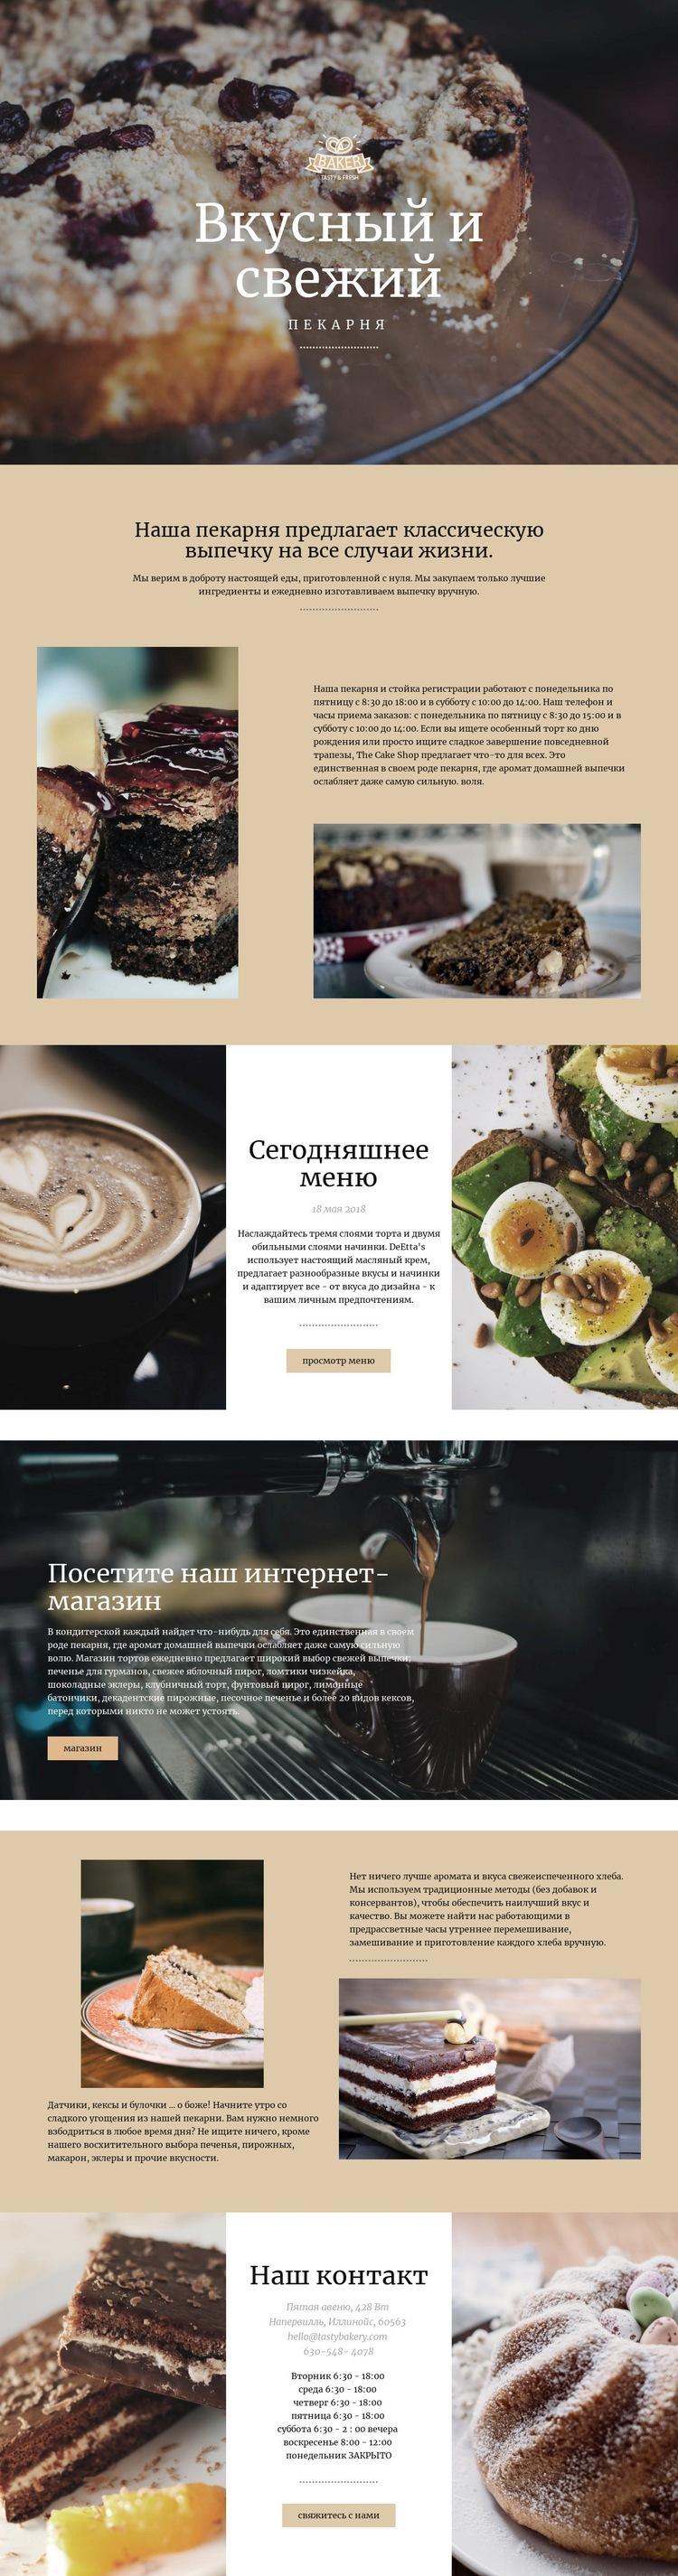 Вкусная и свежая еда HTML шаблон